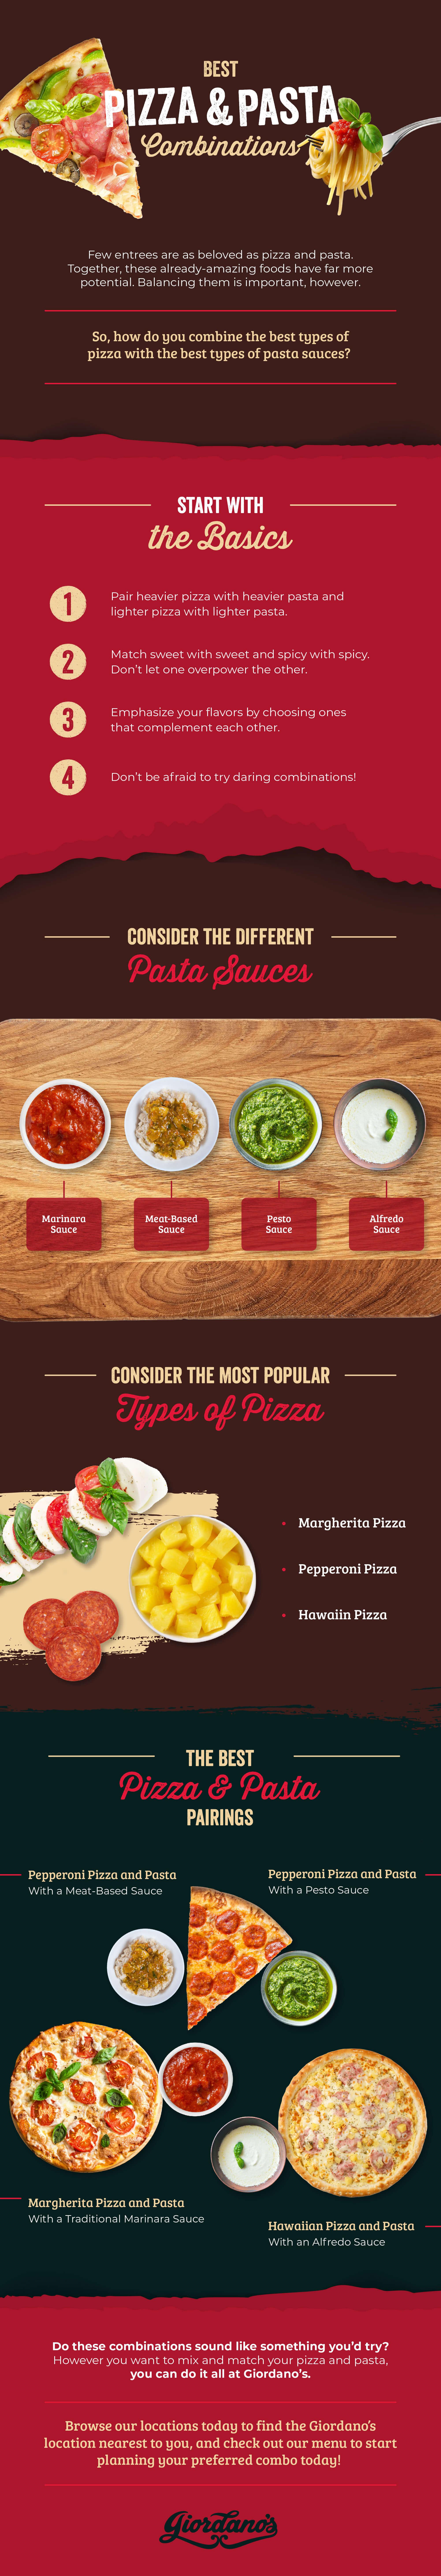 pizza pasta combination